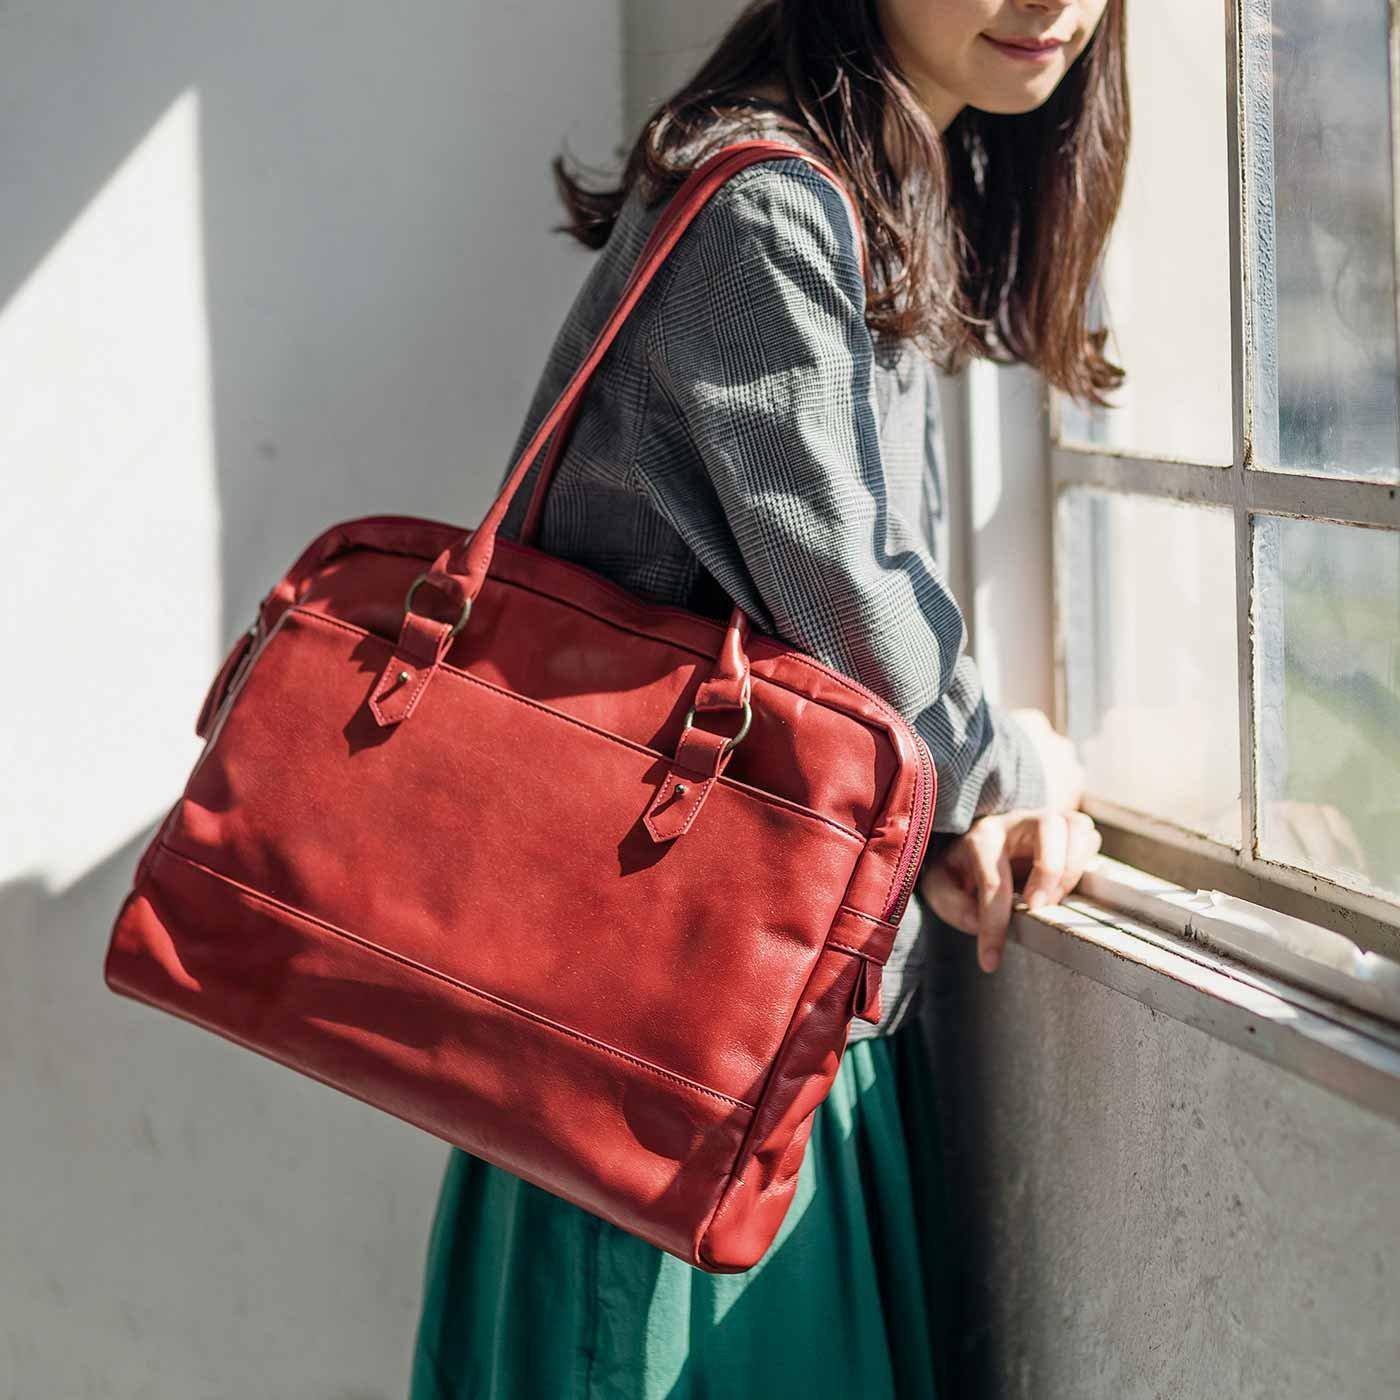 [2015年発売モデル] 贅沢(ぜいたく)オールレザー仕立て 大型ブリーフバッグ〈ローズレッド〉[本革 鞄:日本製]